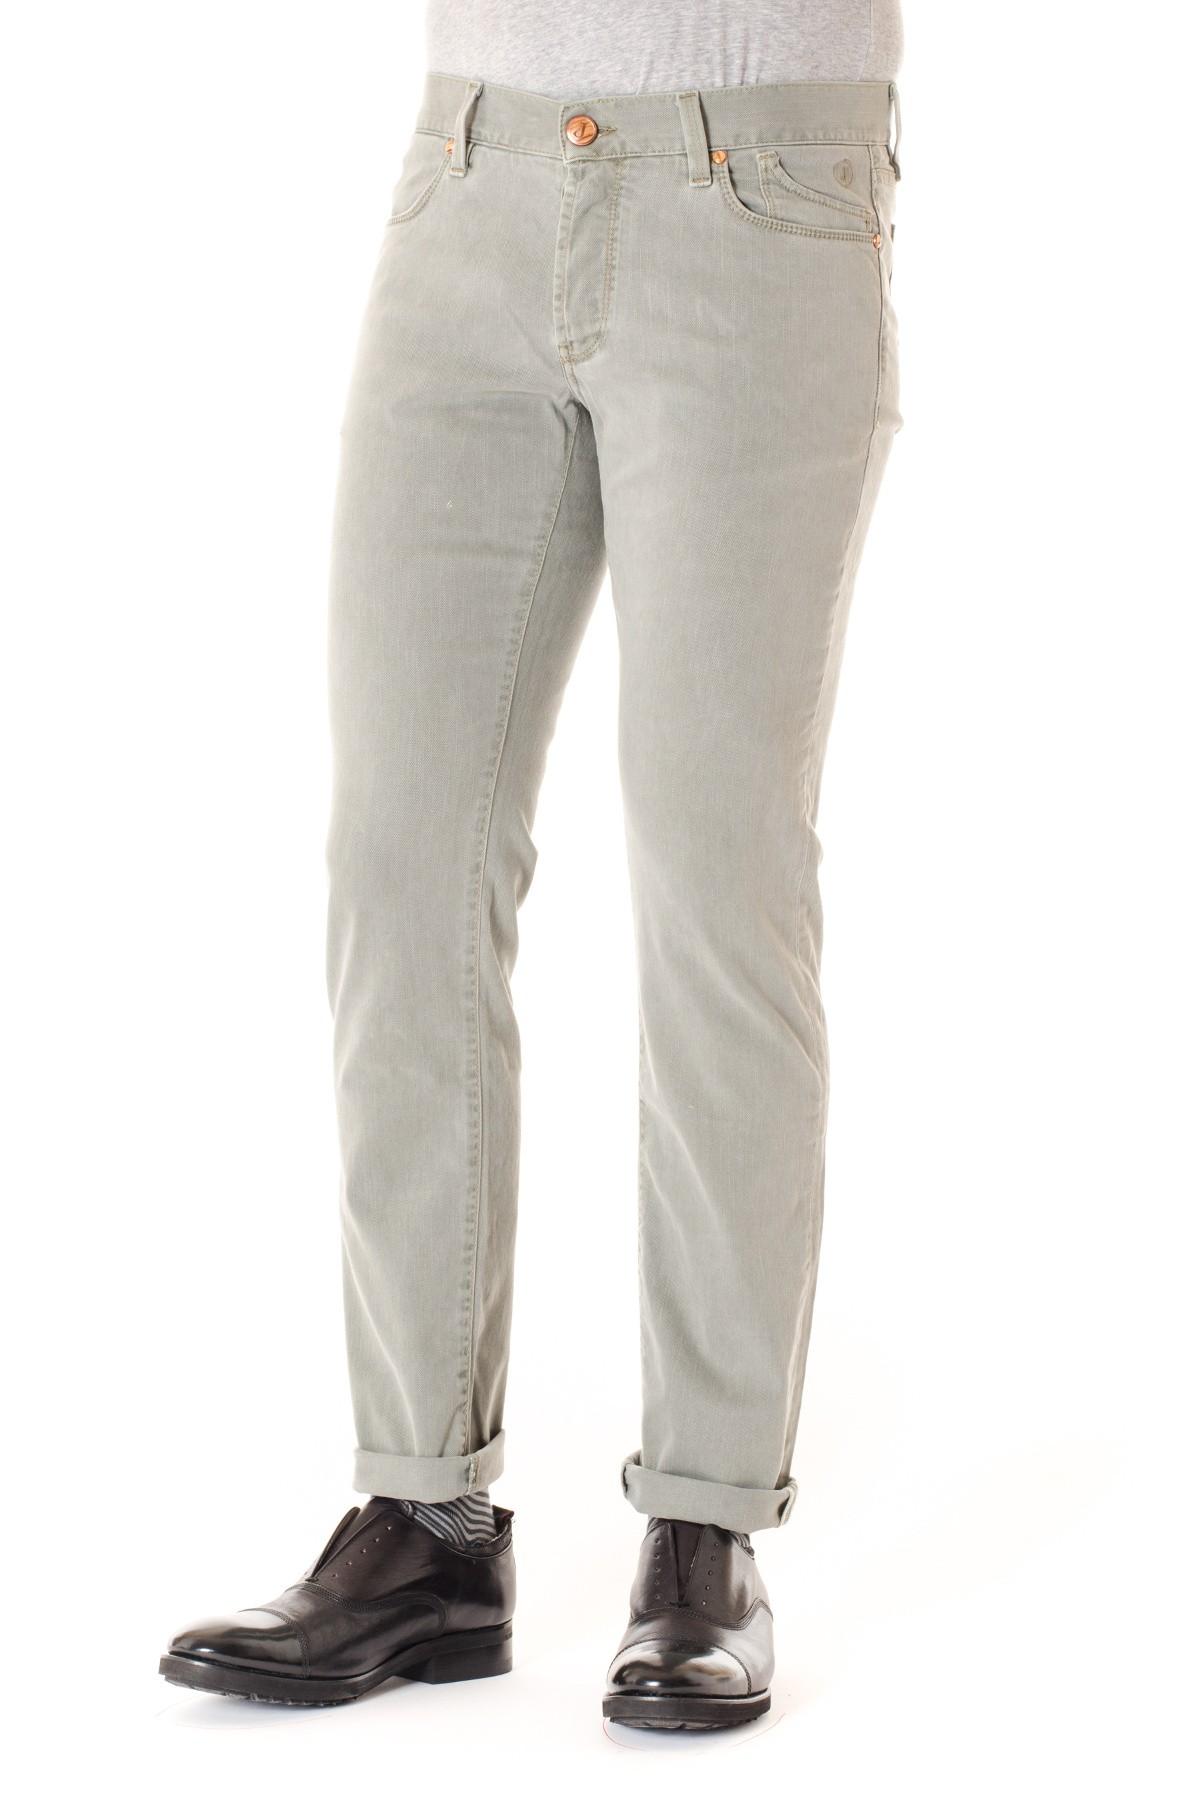 5cb84493a13b55 Pantaloni uomo JECKERSON grigio chiaro A/I - Rione Fontana